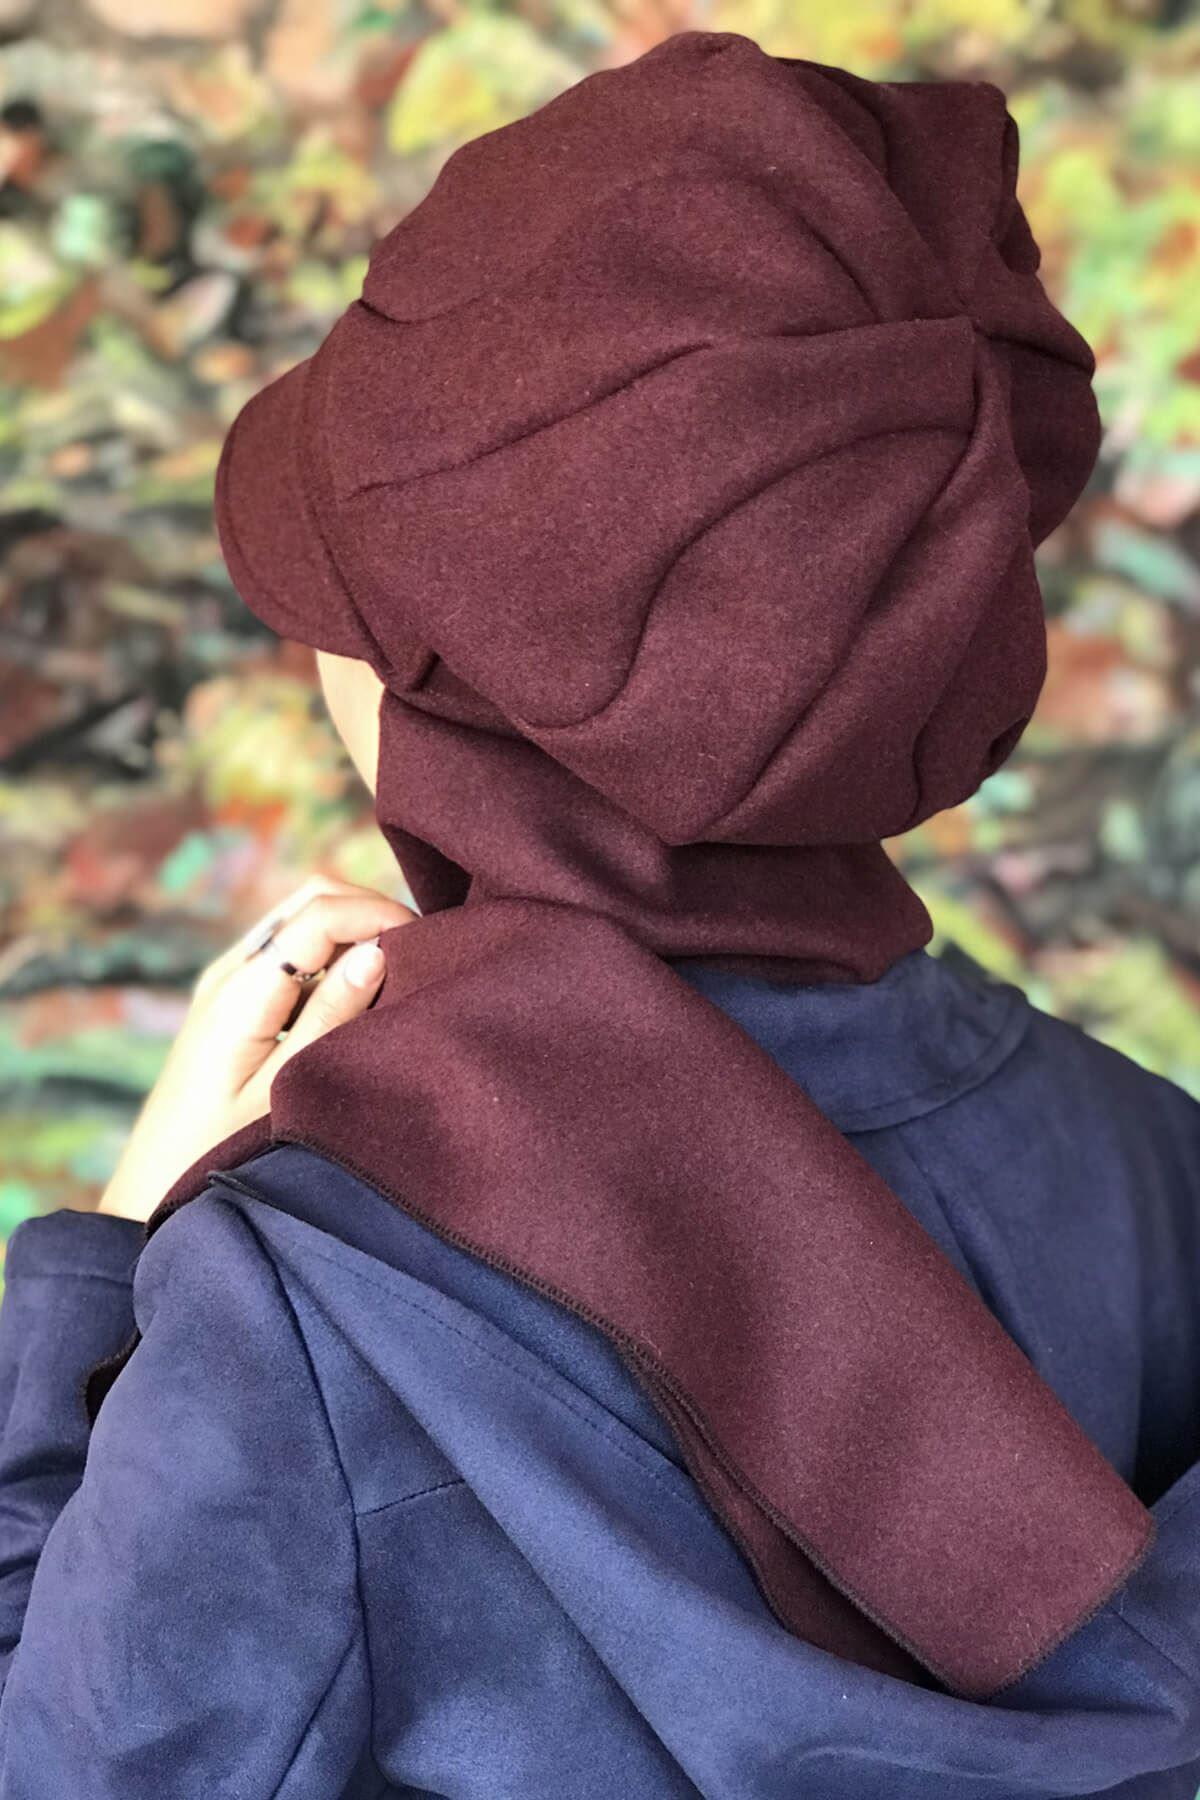 Mor Renkli Elif Model Yuvarlak Tokalı Şapka Şal